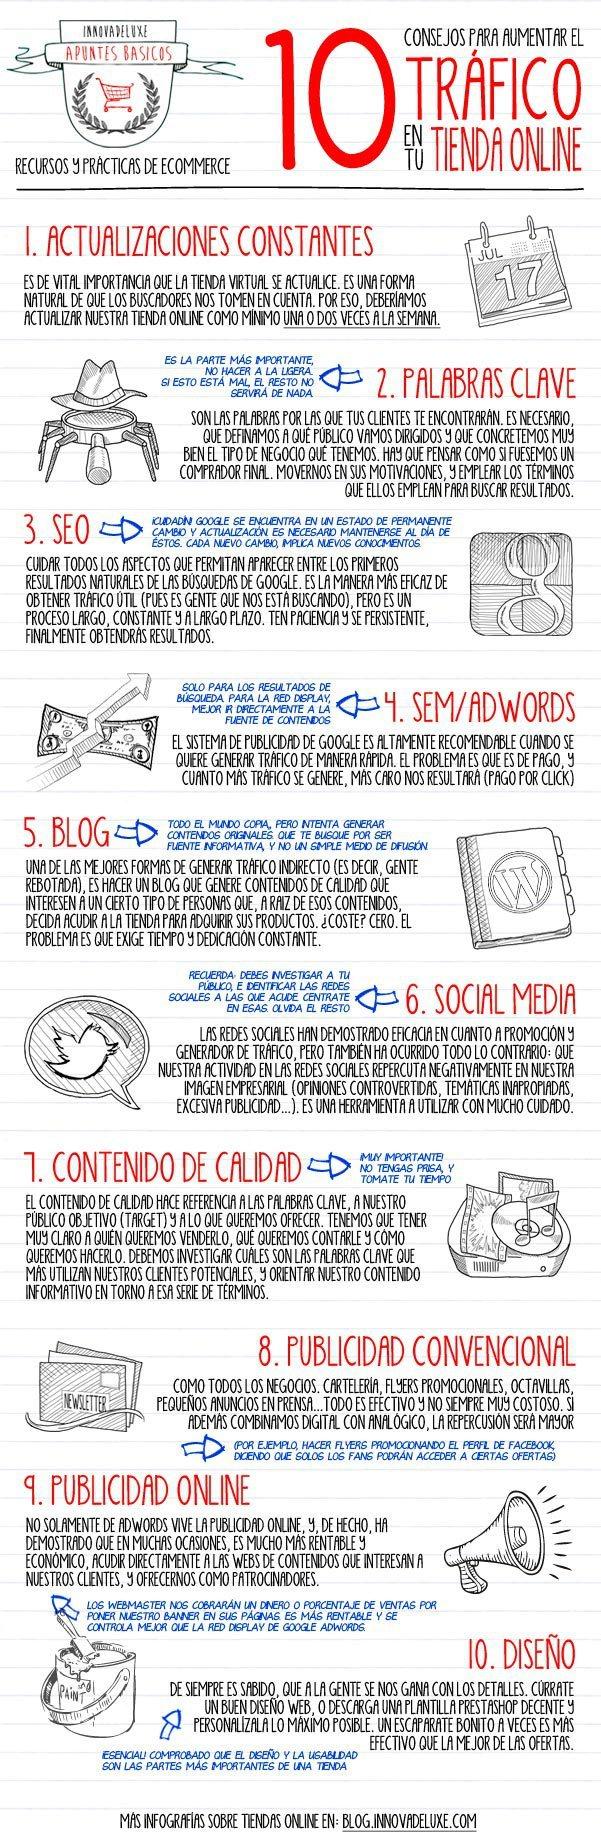 infografia_10_consejos_para_aumentar_traficotienda_online